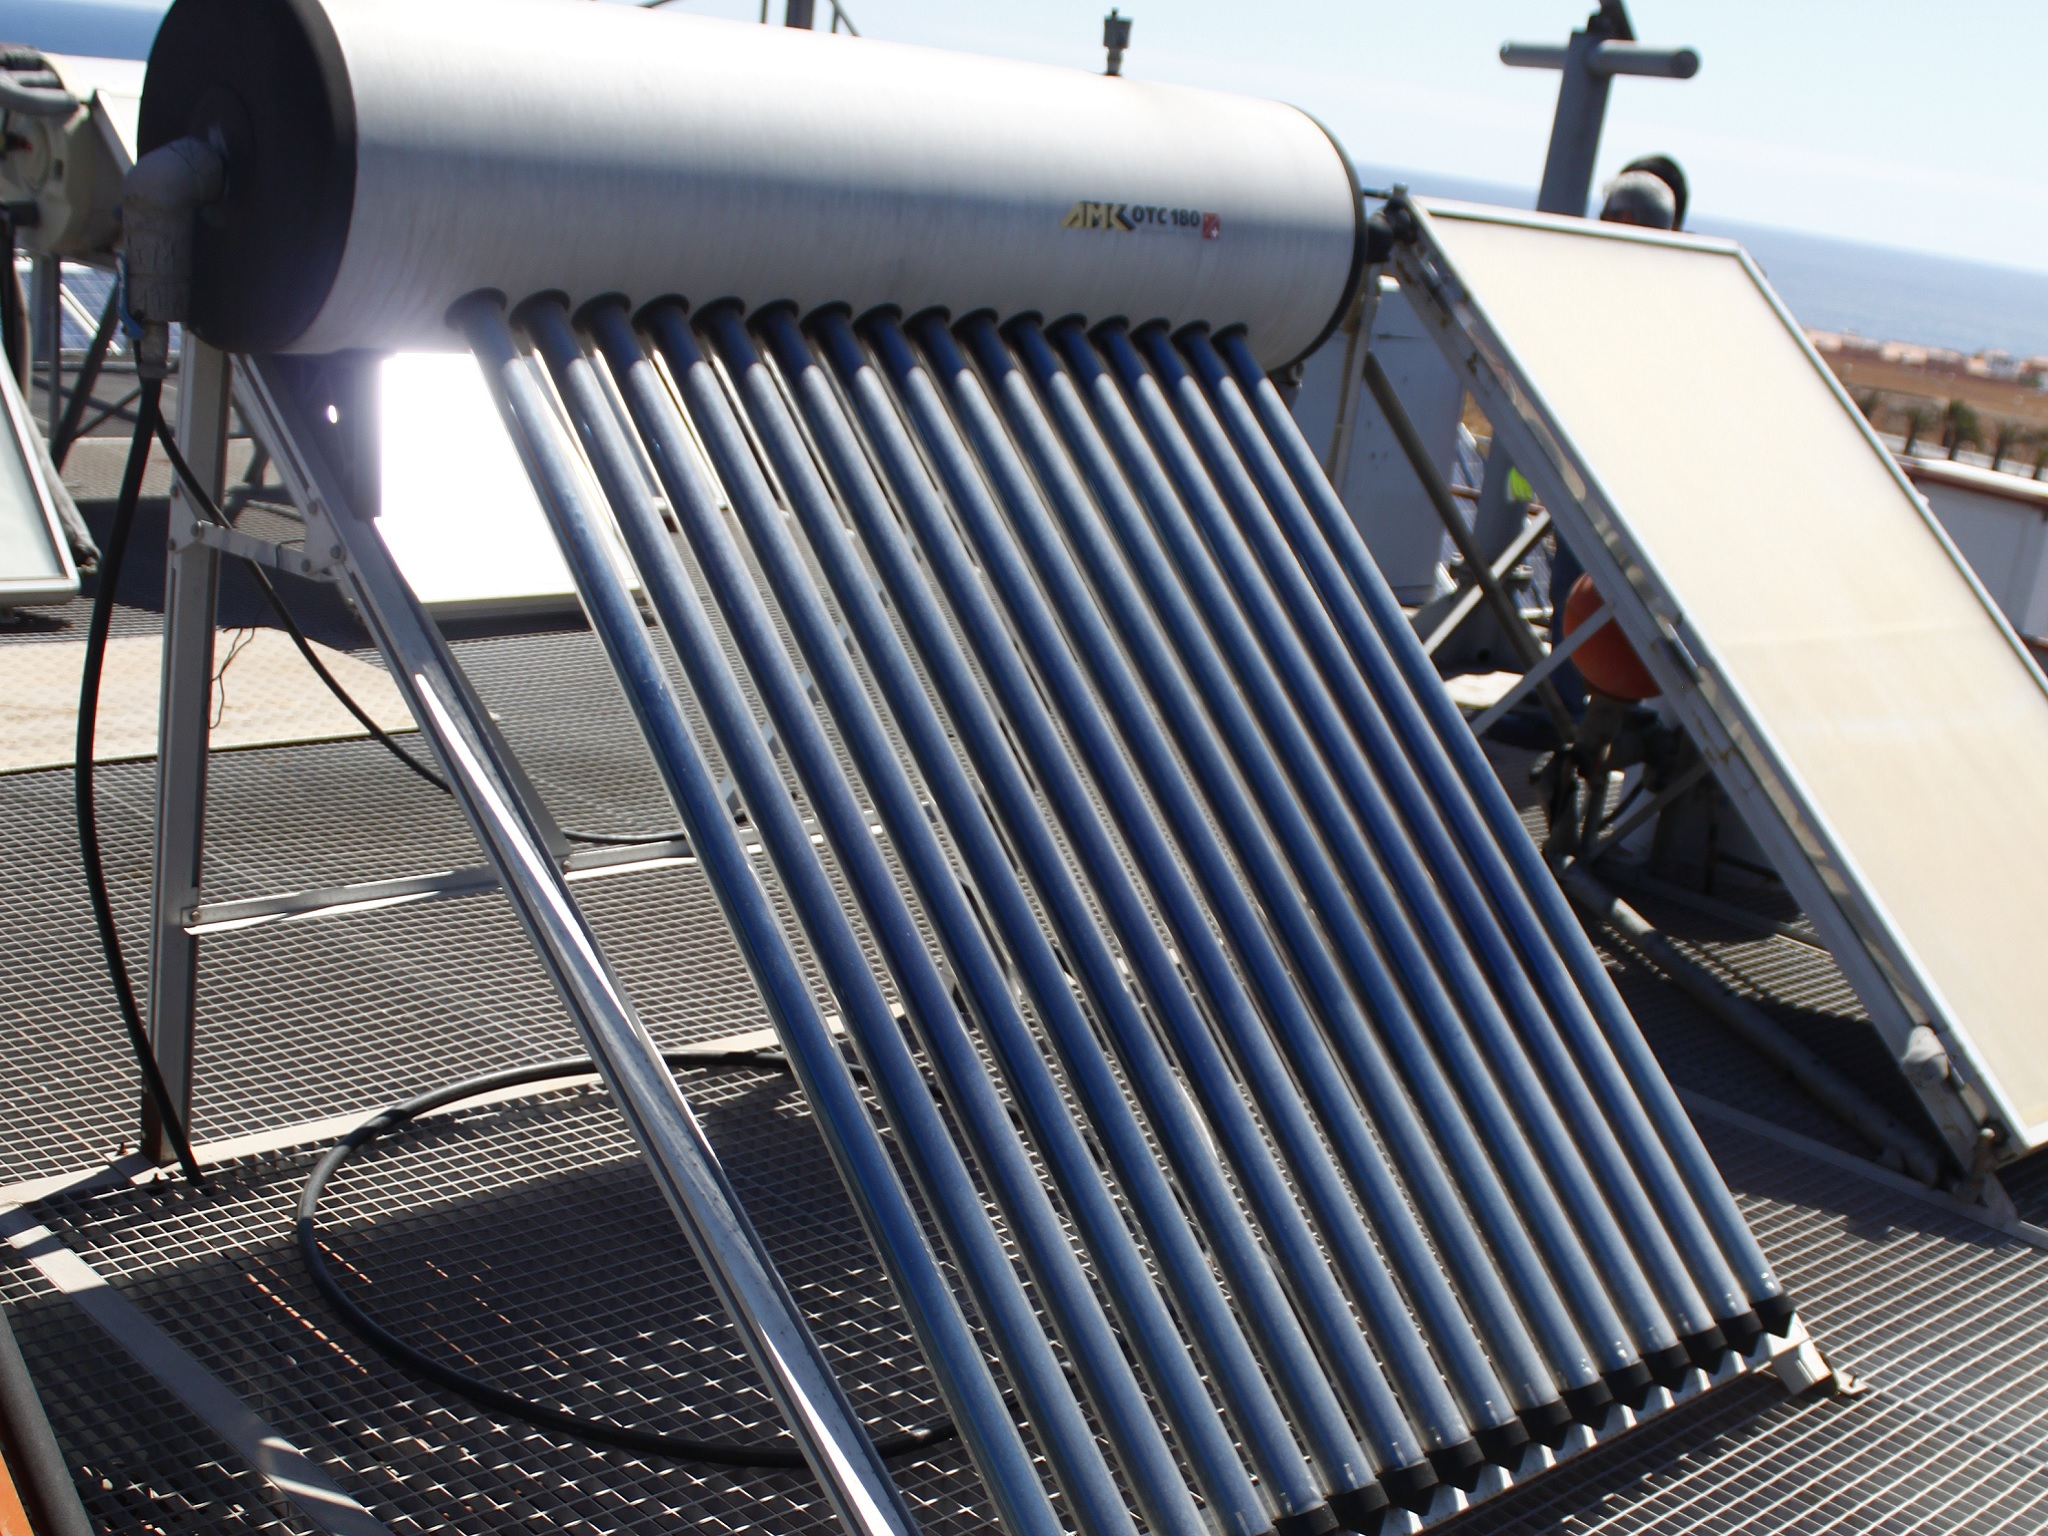 Curso Montaje y mantenimiento de instalaciones solares térmicas - Cenfoc Las Palmas de Gran Canaria